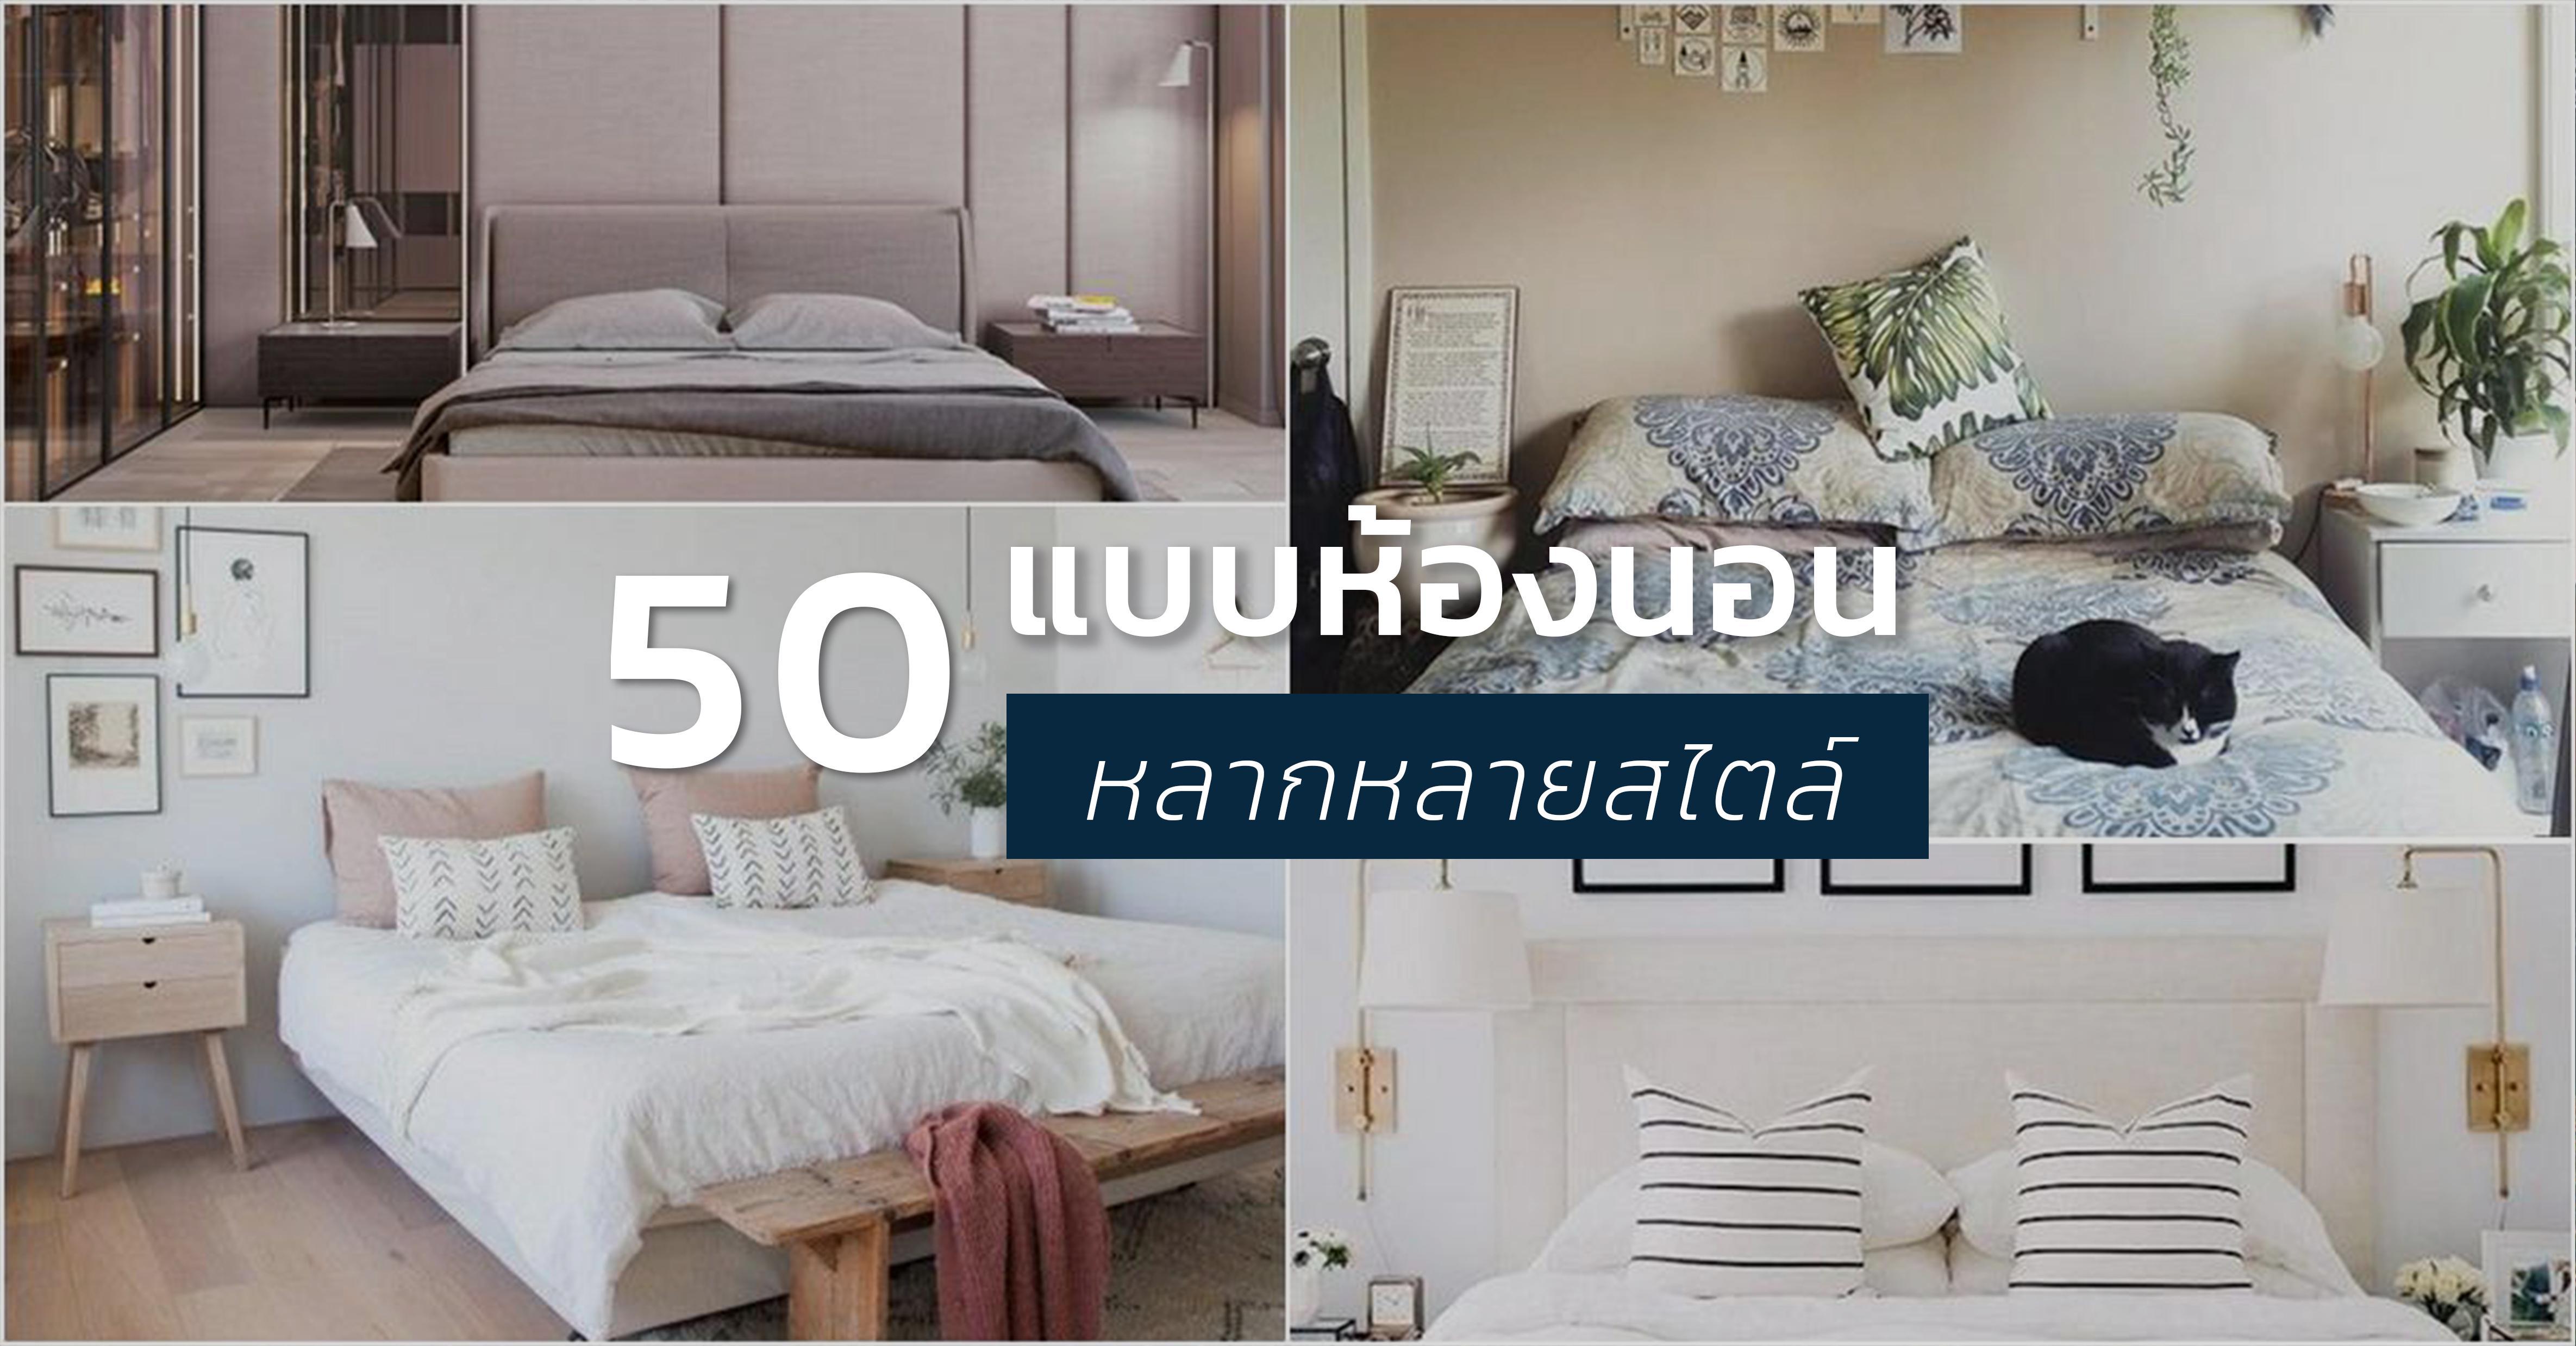 รูปบทความ สร้างแรงบันดาลใจกับ 5 สไตล์แบบห้องนอน พร้อมเลือกได้ถึง 50 แบบ